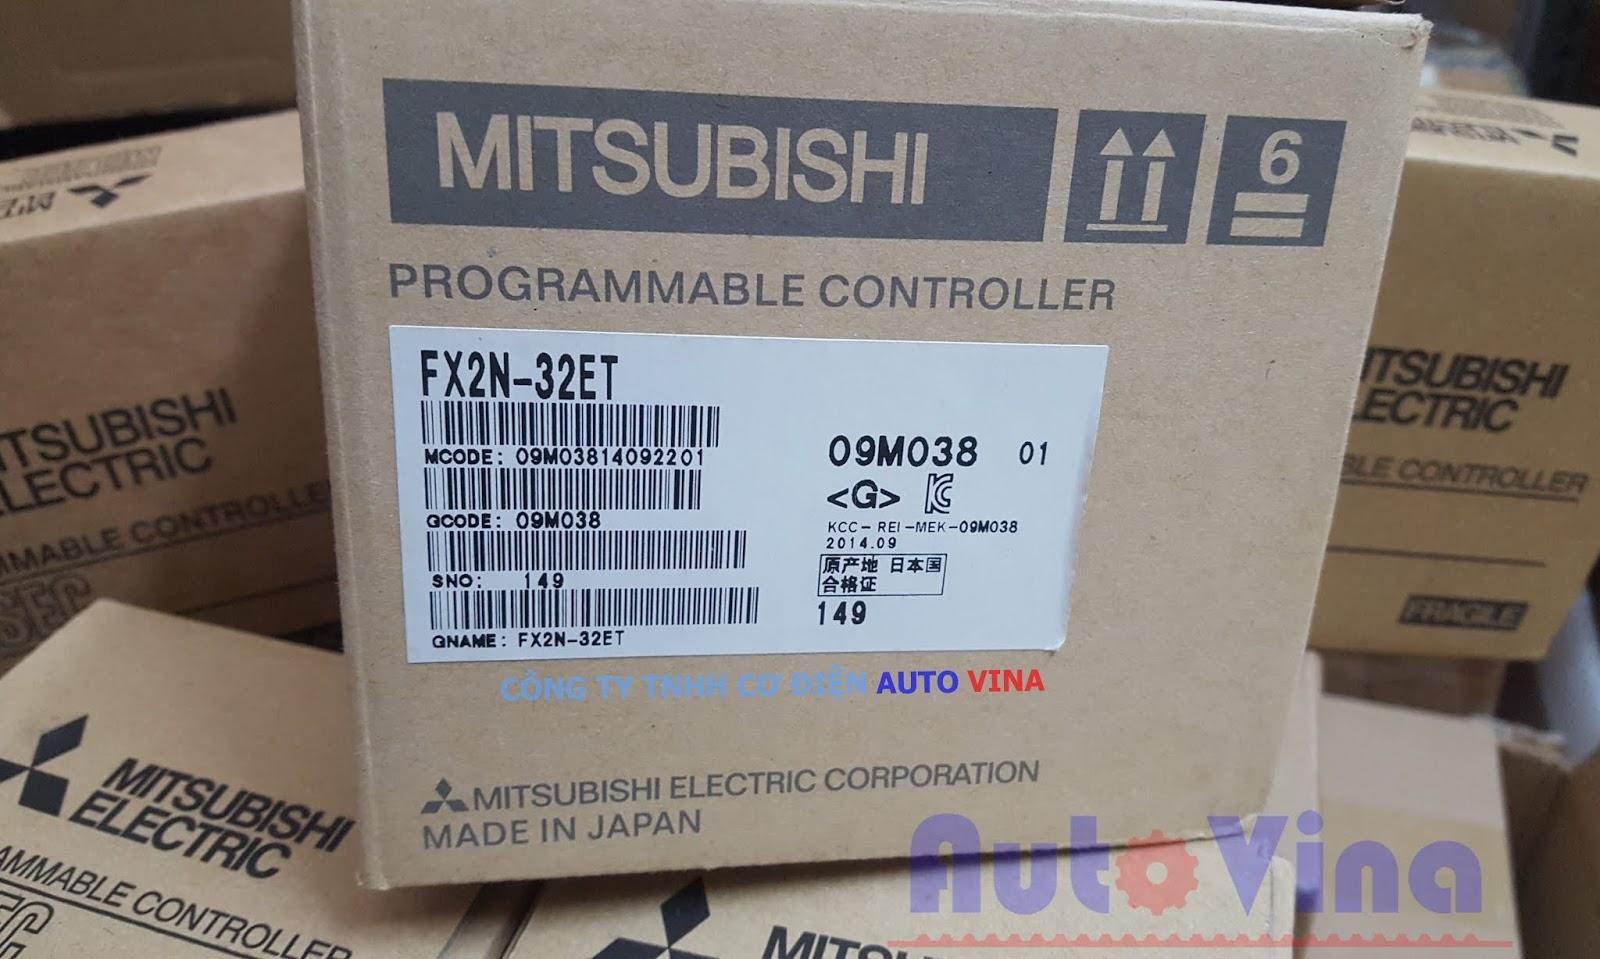 FX2N-32ET-ESS-UL hàng mới full box đầy đủ phụ kiện. Đại lý bán PLC Mitsubishi, modun PLC Mitsubishi FX2N tại Việt Nam